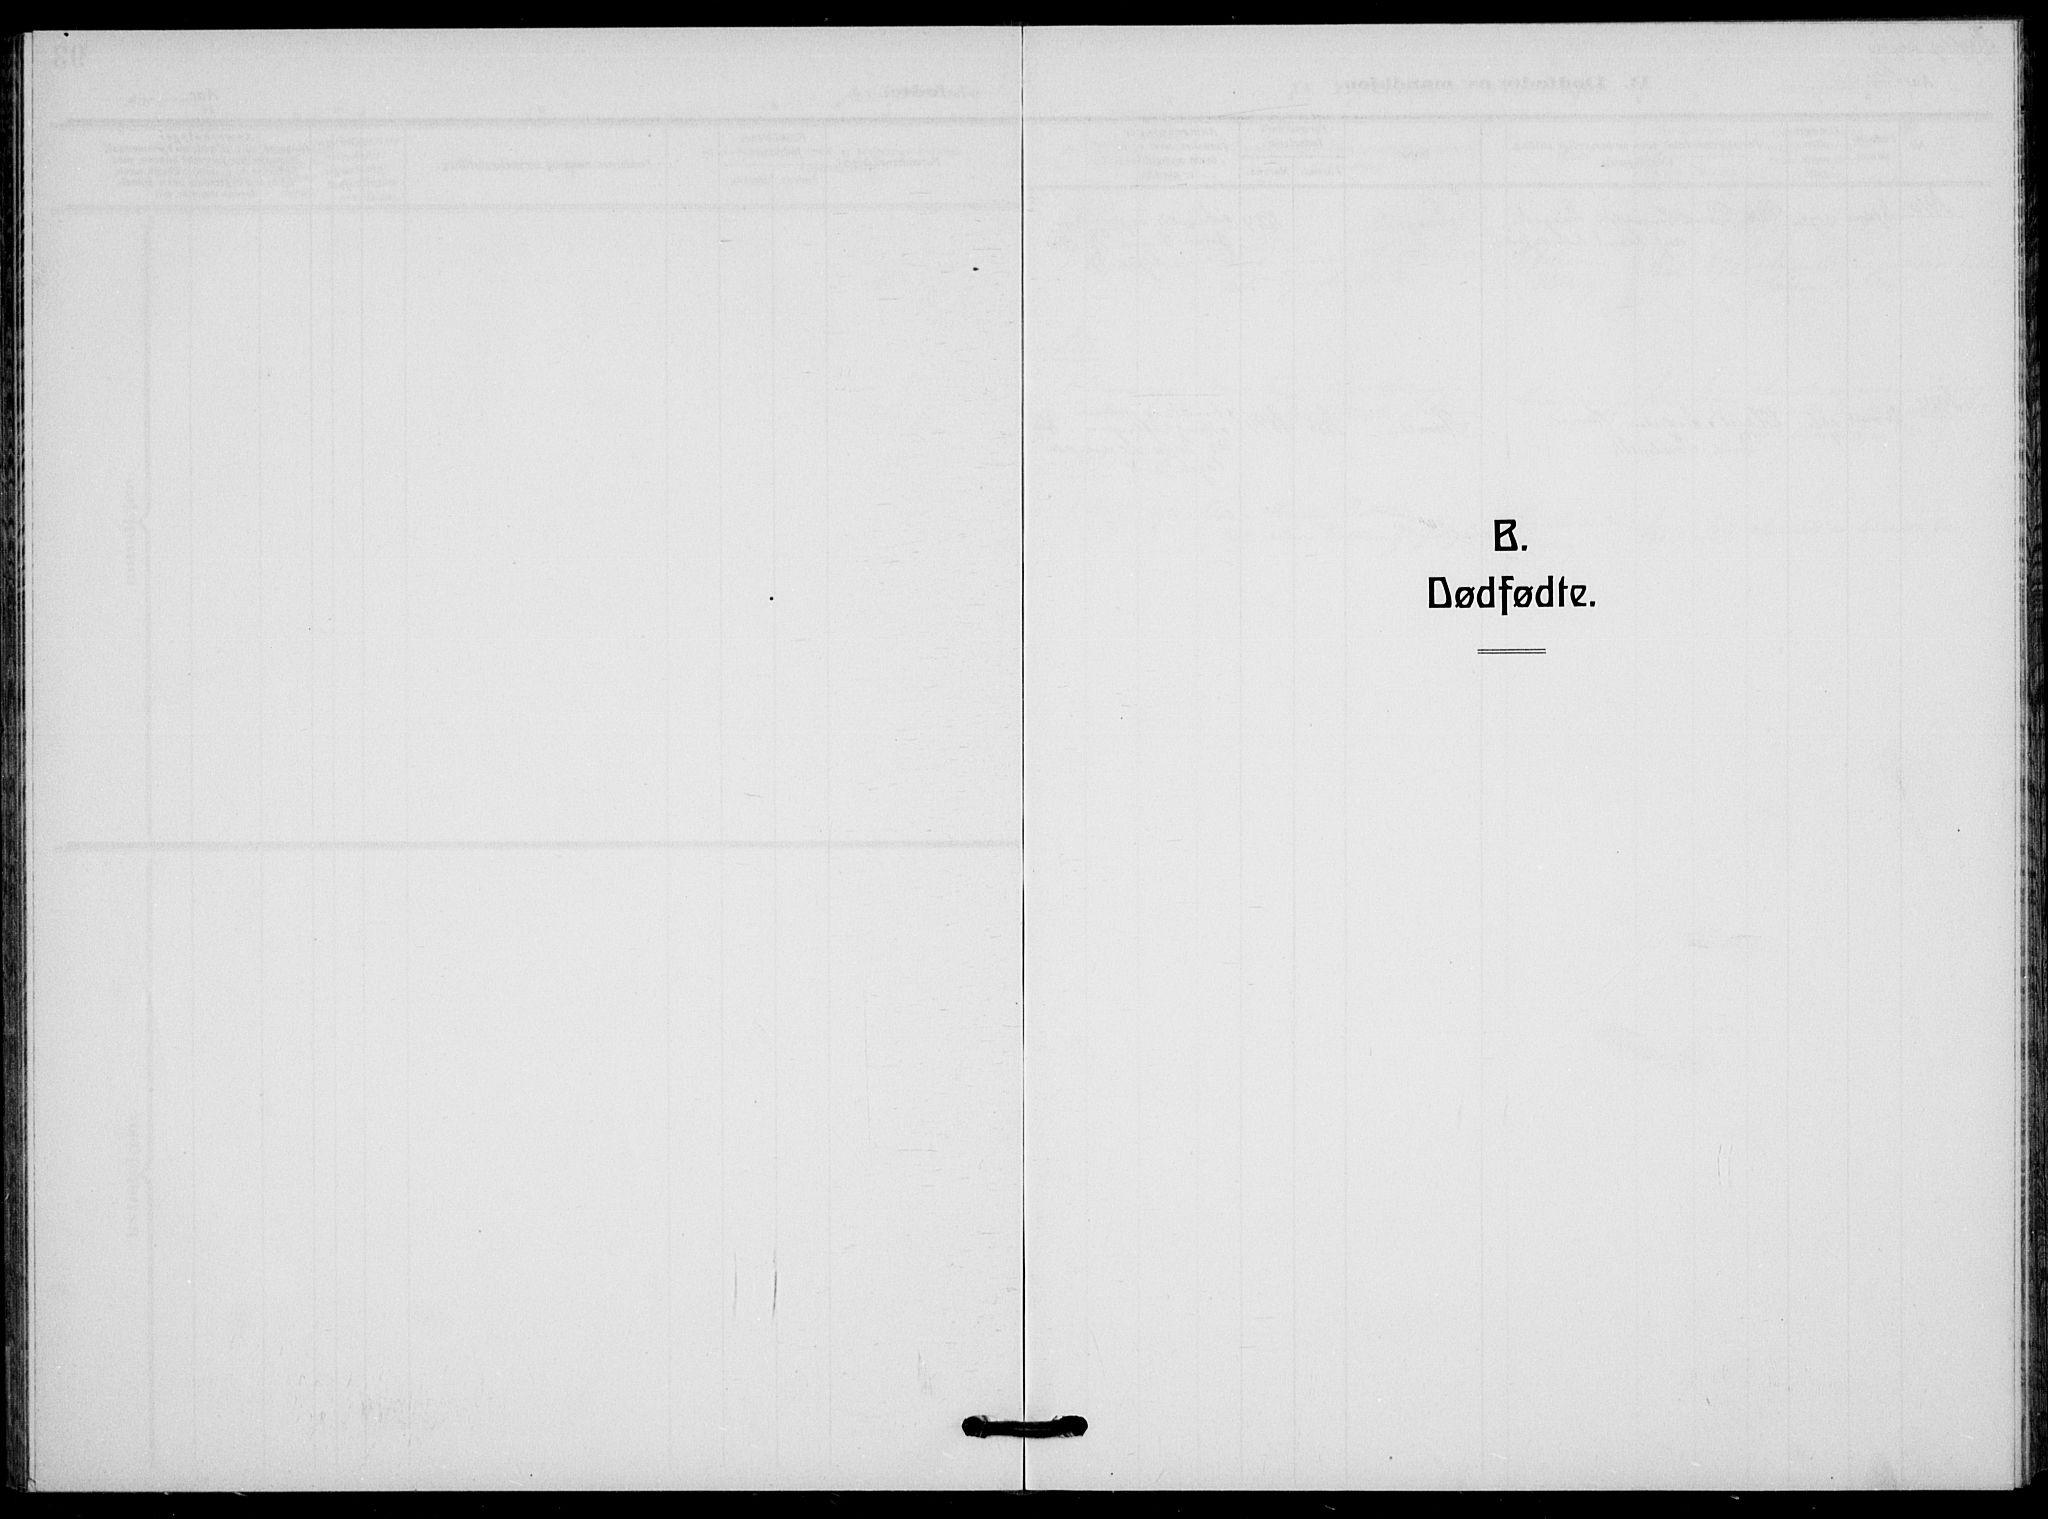 SAKO, Flesberg kirkebøker, G/Ga/L0006: Klokkerbok nr. I 6, 1909-1924